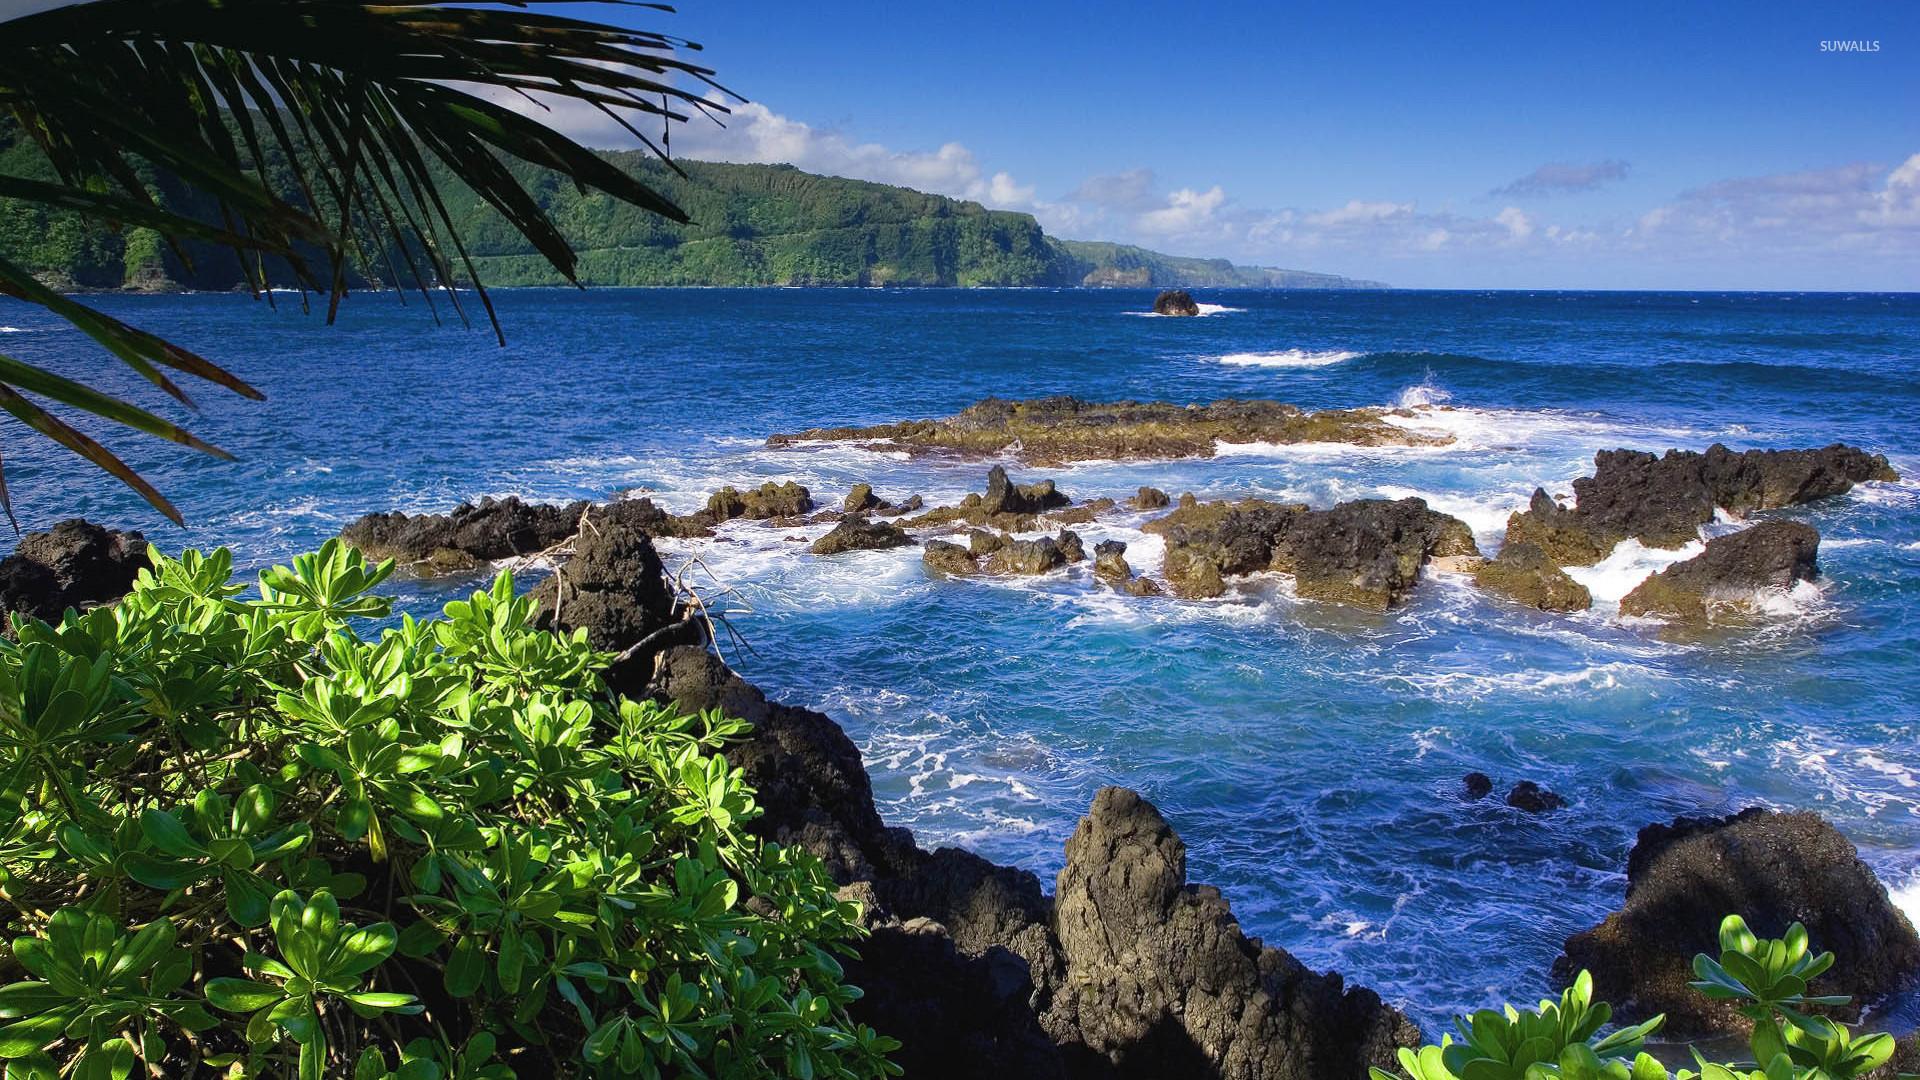 Maui wallpaper   Beach wallpapers   3203 1920x1080